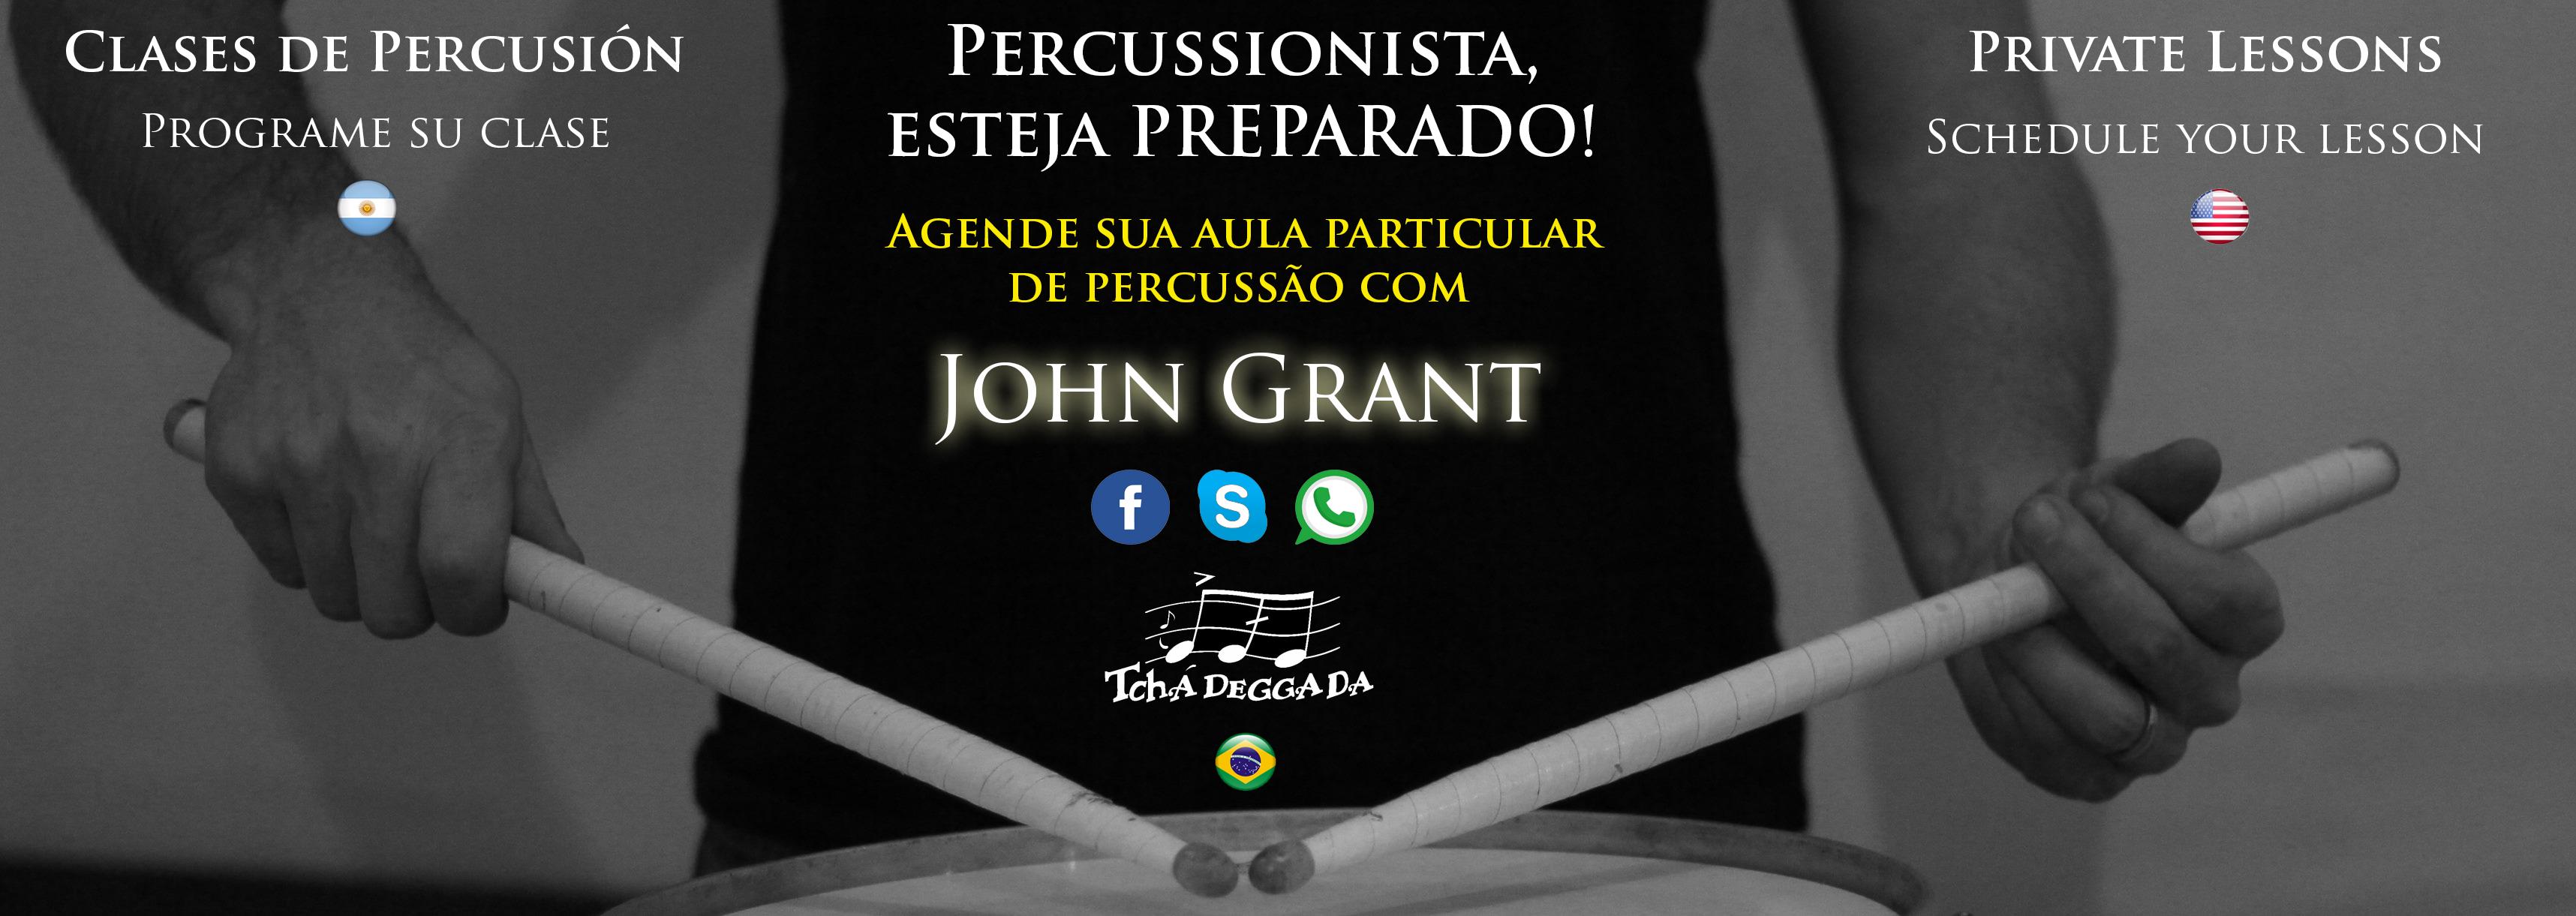 Novidades: Agora você pode ter aulas particulares com John Grant diretamente dos Estados Unidos. Agende sua aula online e eleve seus conhecimentos de percussão para outro nível